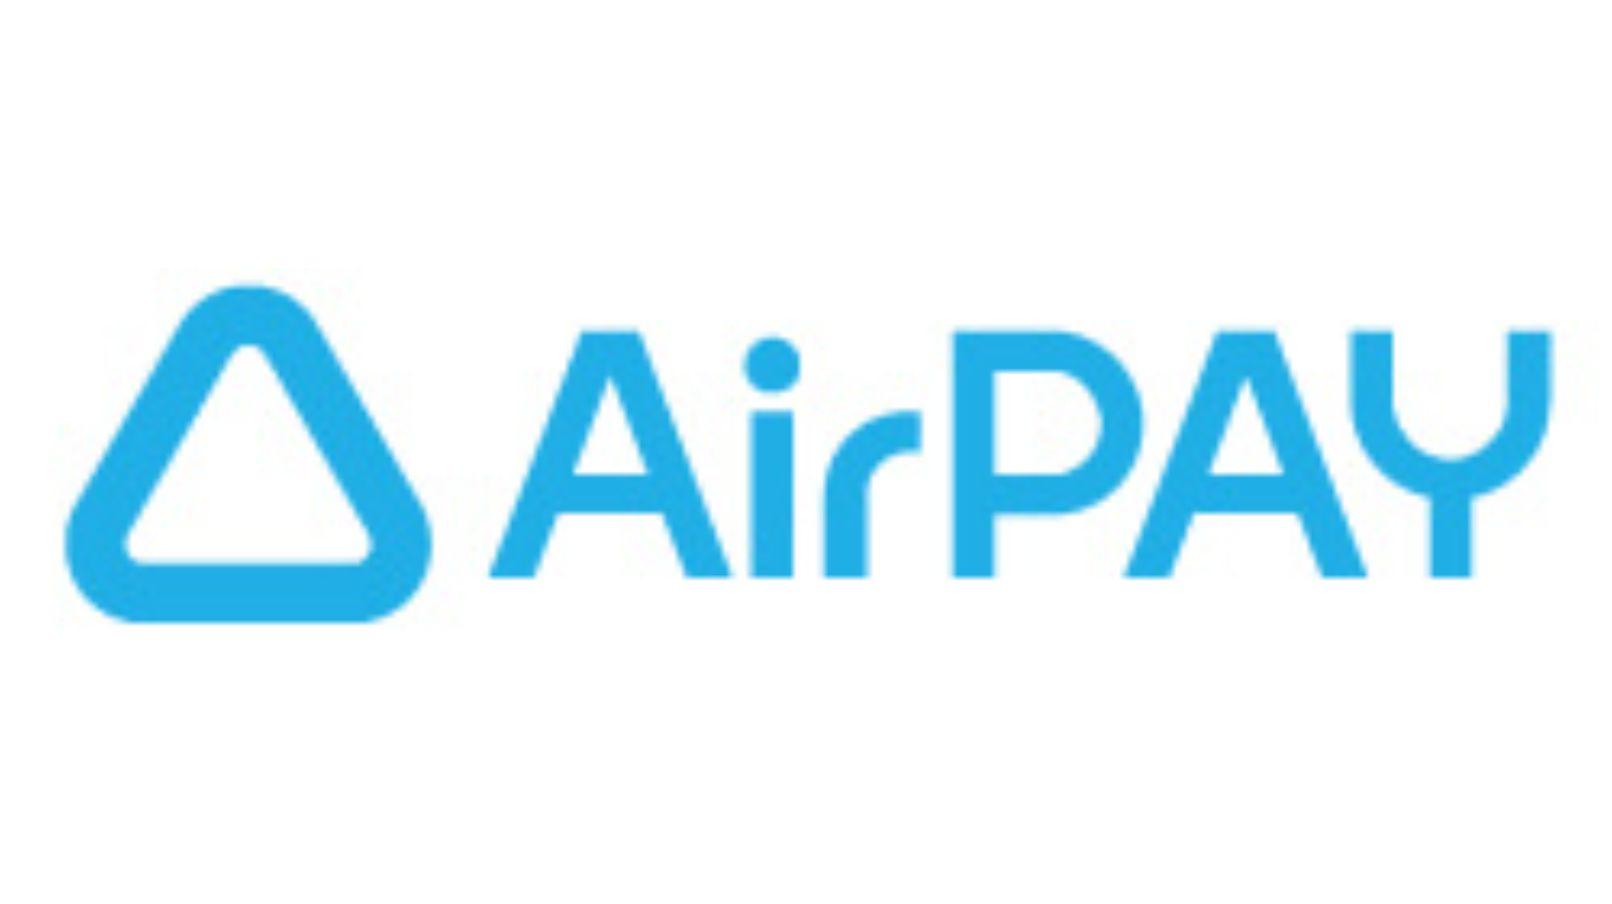 カード・電子マネー・QR・ポイントも使えるお店の決済サービス『Airペイ』 2021年度冬より「COIN+」取り扱い開始